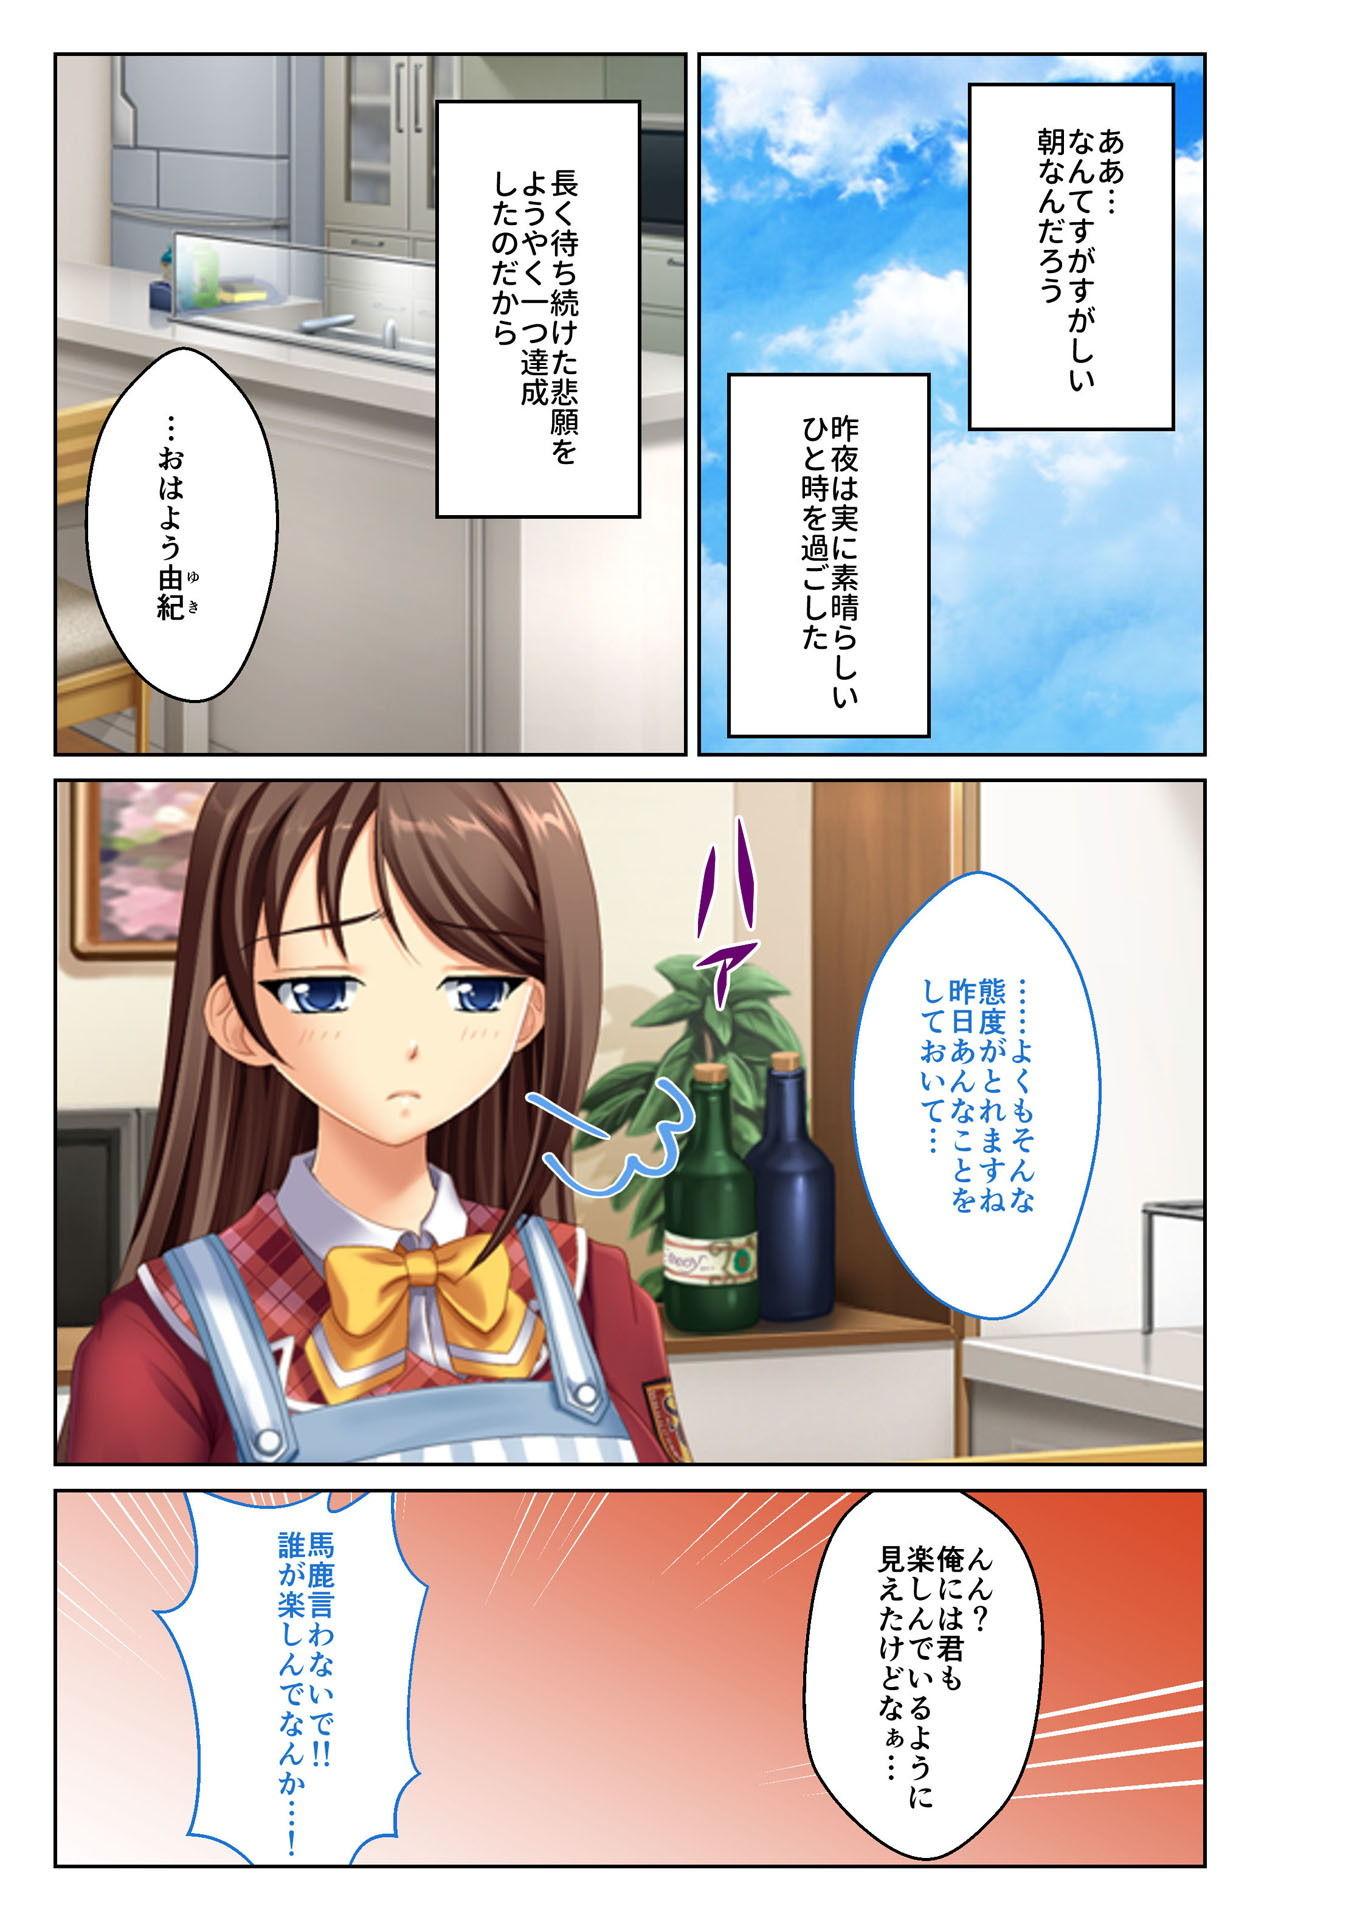 義娘寝取り 〜嫌がるJKに強制挿入〜(3) フルカラーコミック版